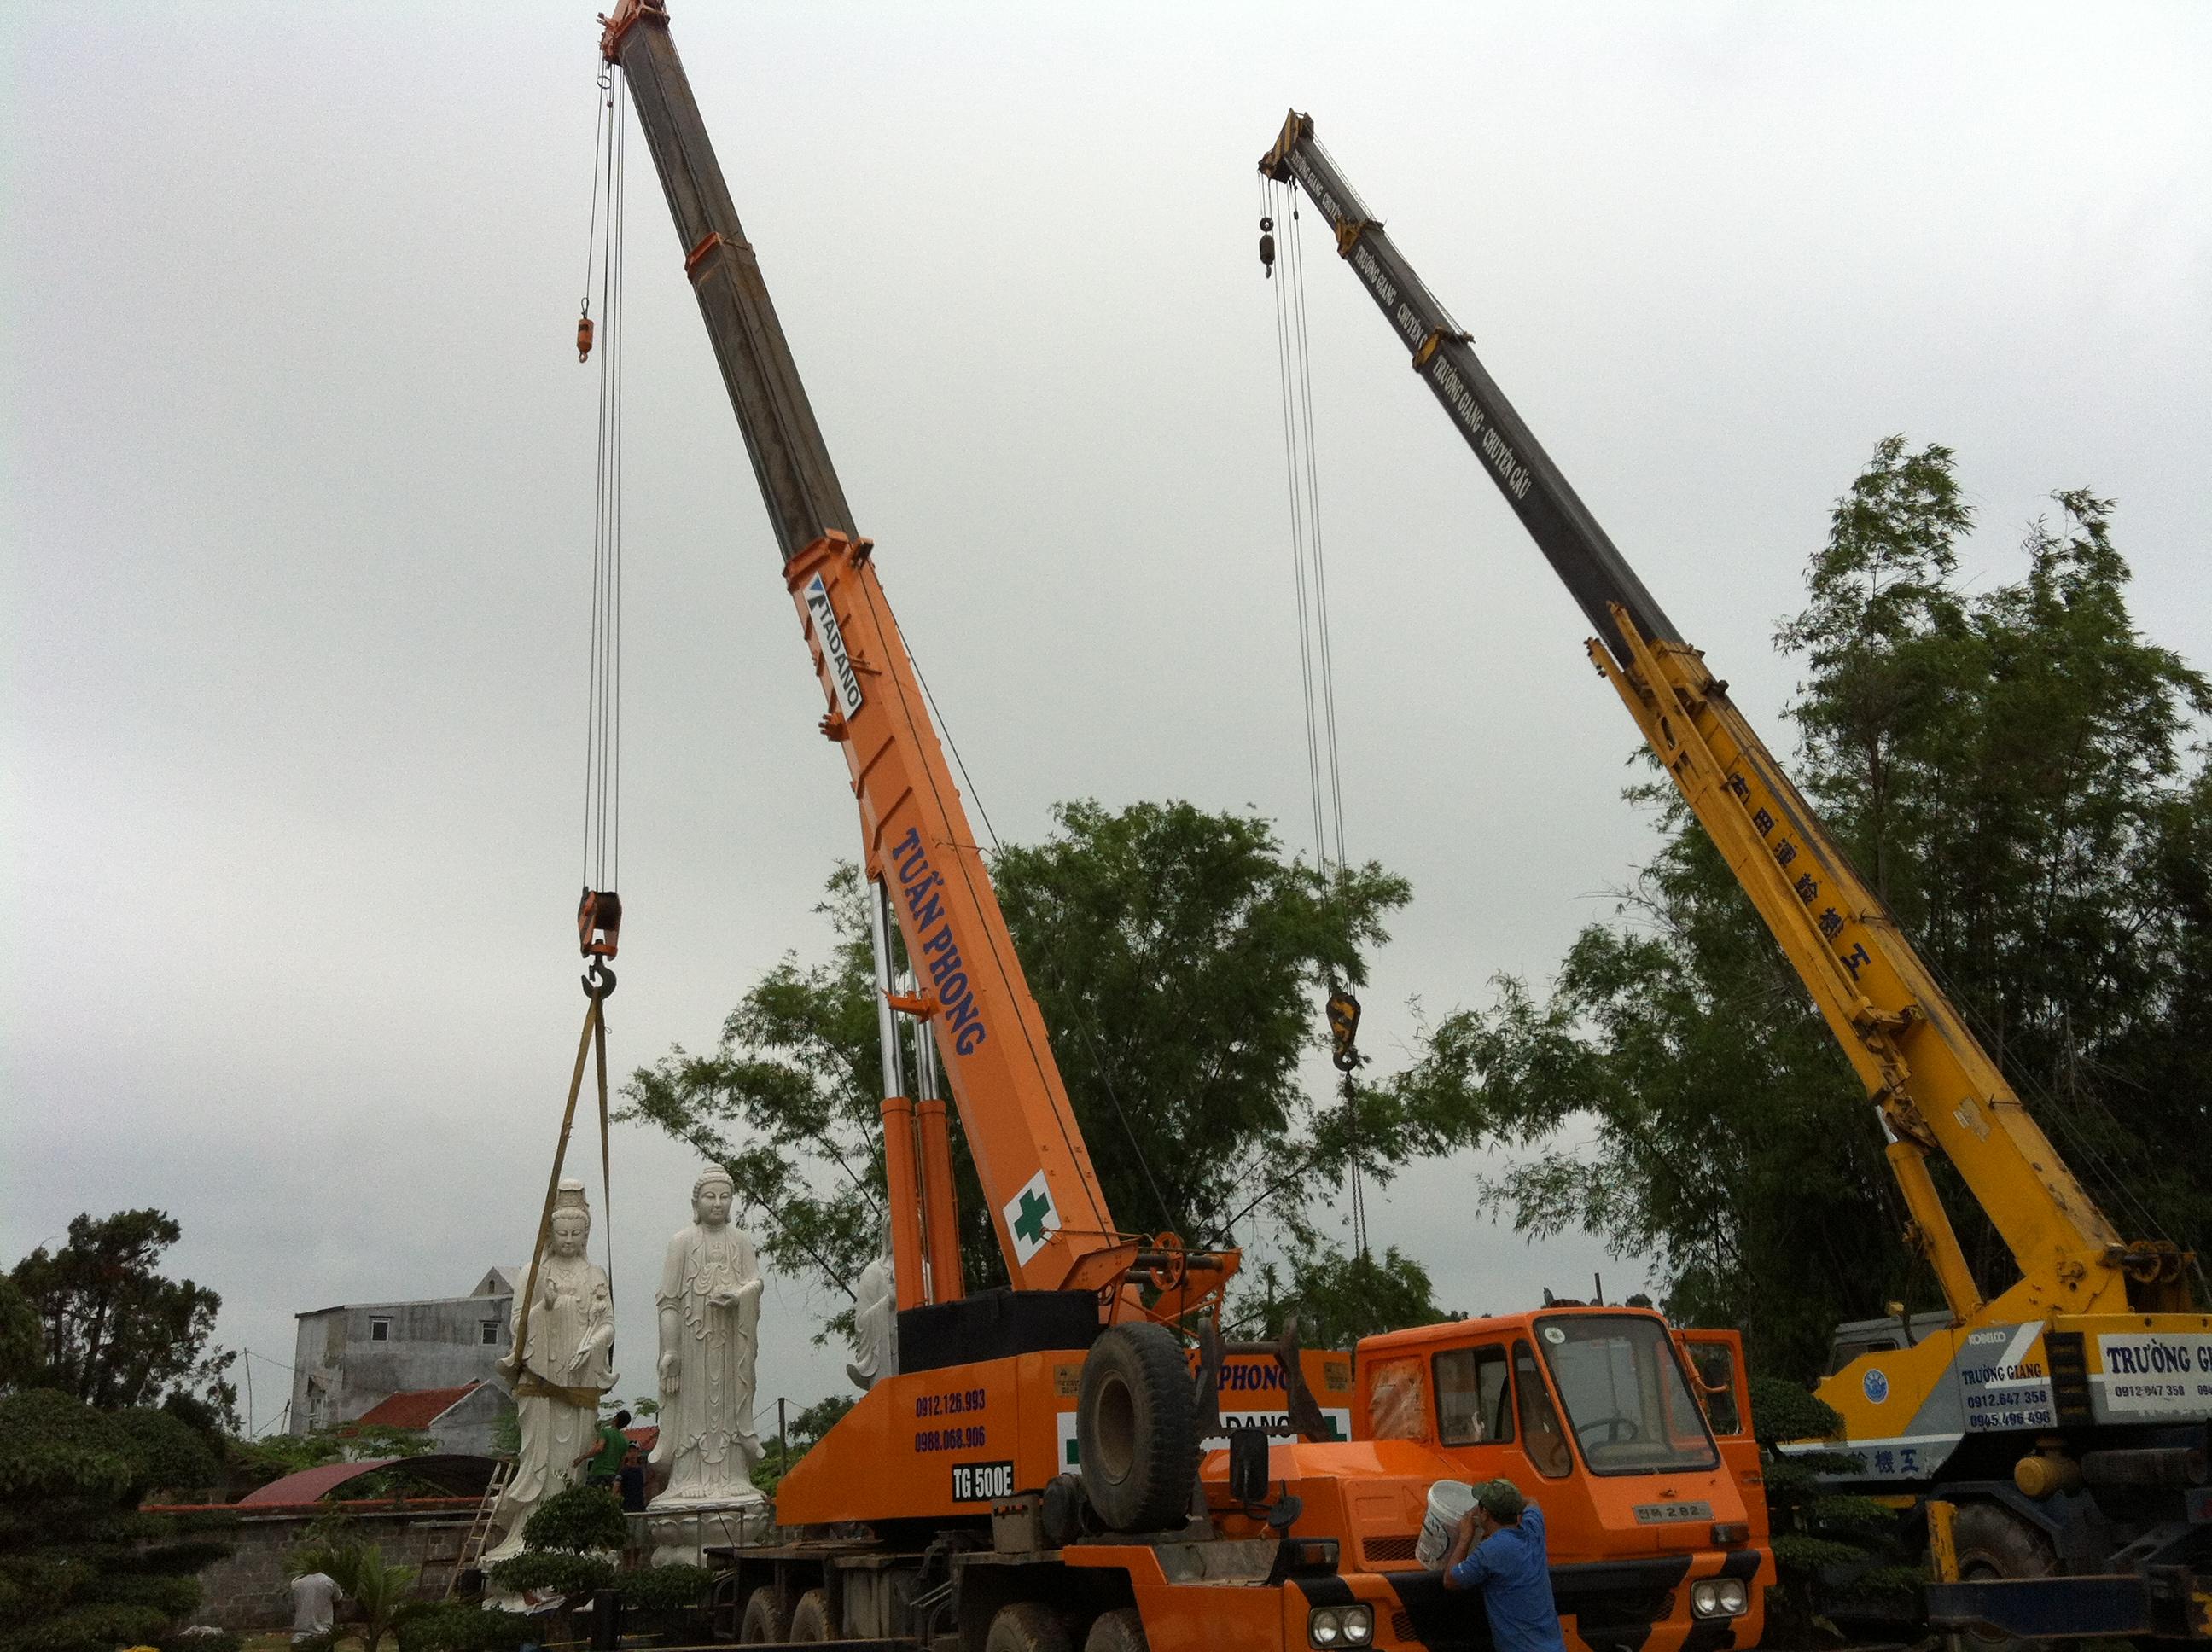 Xe cẩu lắp đặt máy móc thiết bị 0912 126 993 xe cẩu lắp đặt kết cấu thép,cẩu rầm cầu